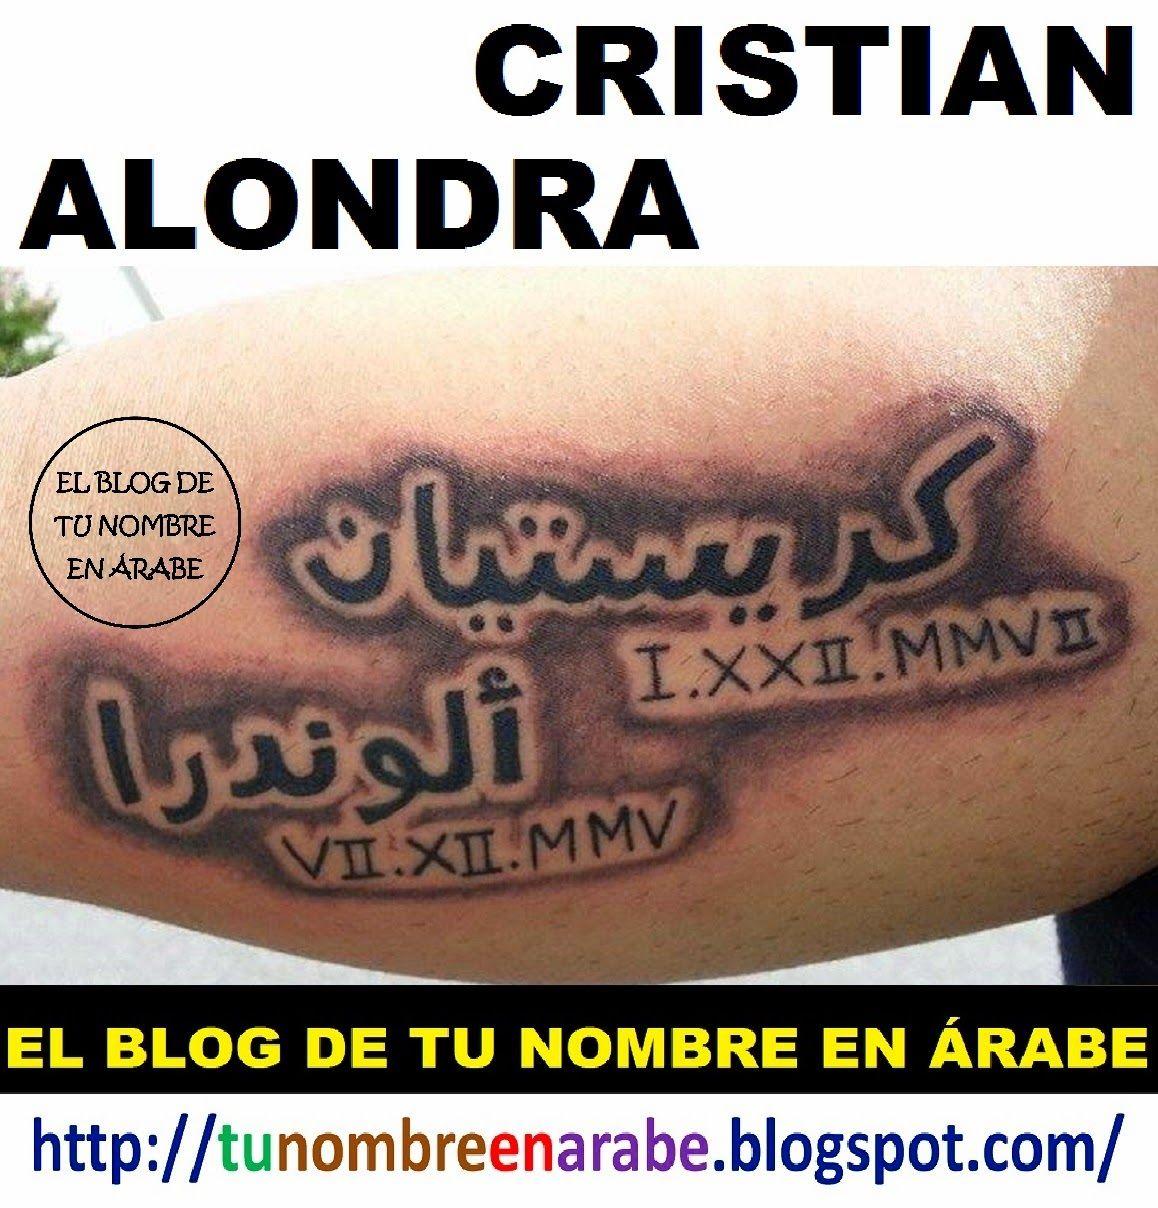 Tatuajes con el nombre cristian